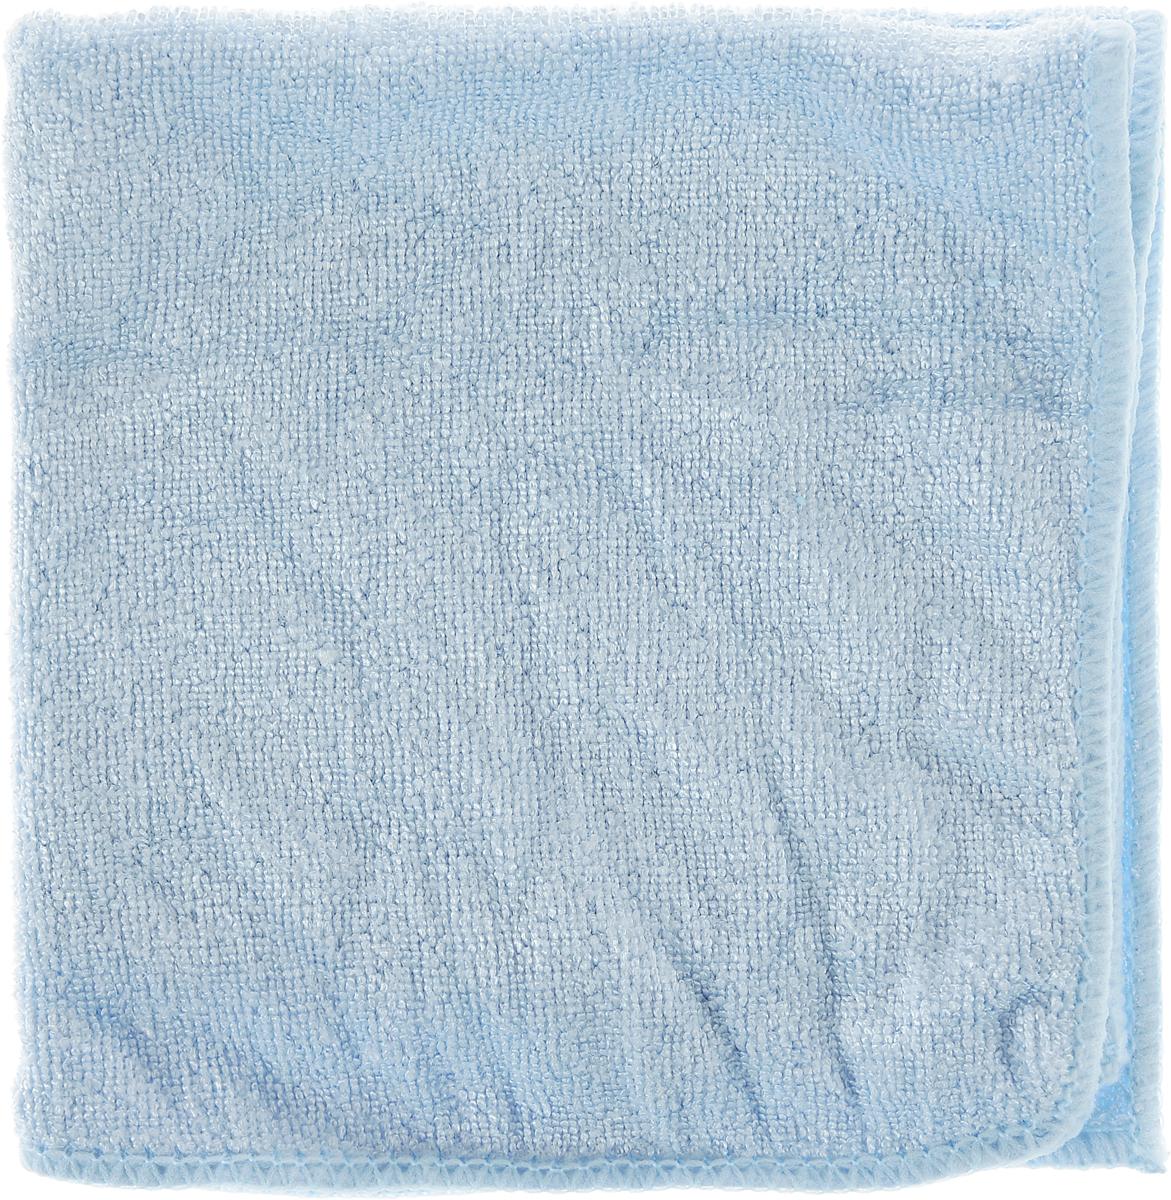 Салфетка из микрофибры для уборки Youll Love, цвет: светло-голубой, 30 х 30 смDW90Салфетка Youll Love, изготовленная из полиэфира 70% и полиамида 30%, предназначена для очищения загрязнений на любых поверхностях. Изделие обладает высокой износоустойчивостью и рассчитано на многократное использование, легко моется в теплой воде с мягкими чистящими средствами. Супервпитывающая салфетка не оставляет разводов и ворсинок, удаляет большинство жирных и маслянистых загрязнений без использования химических средств. Размер салфетки: 30 х 30 см.